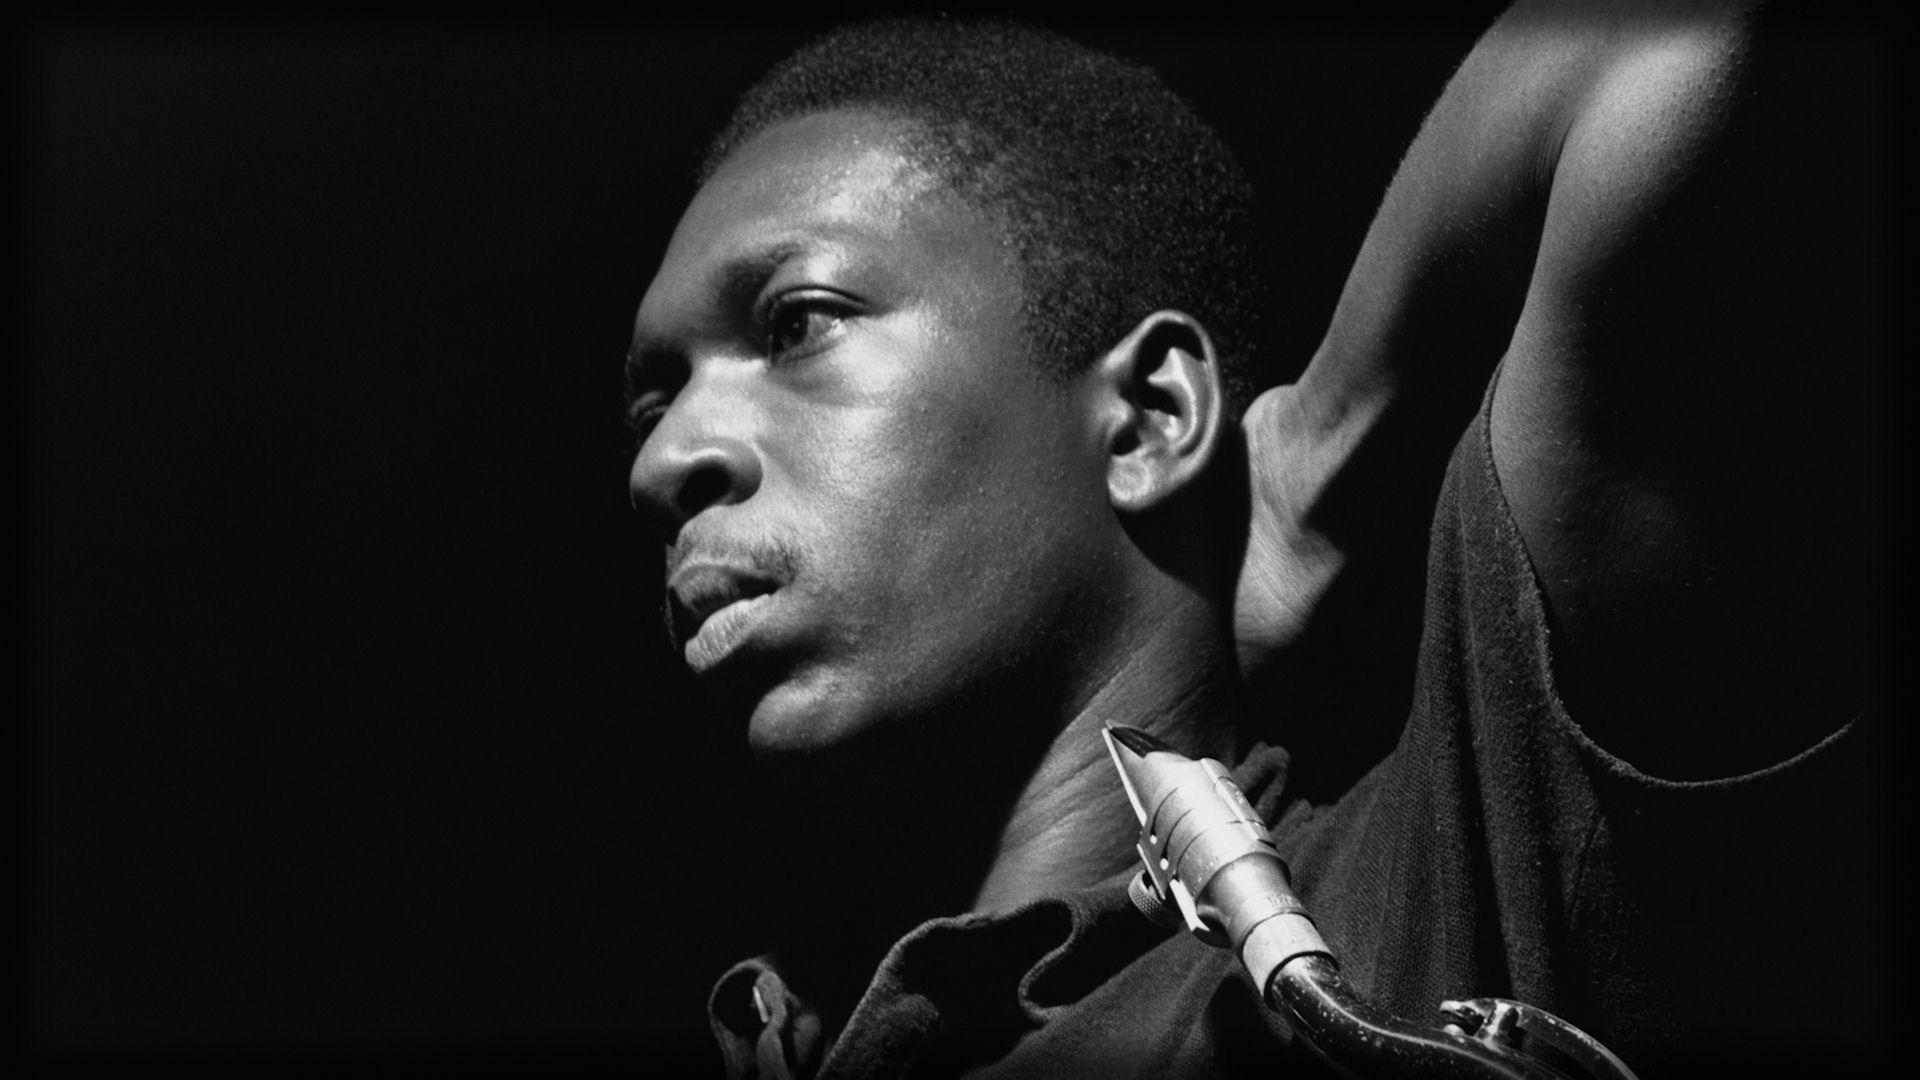 John Coltrane è stato uno dei più innovativi sassofonisti di tutti i tempi.